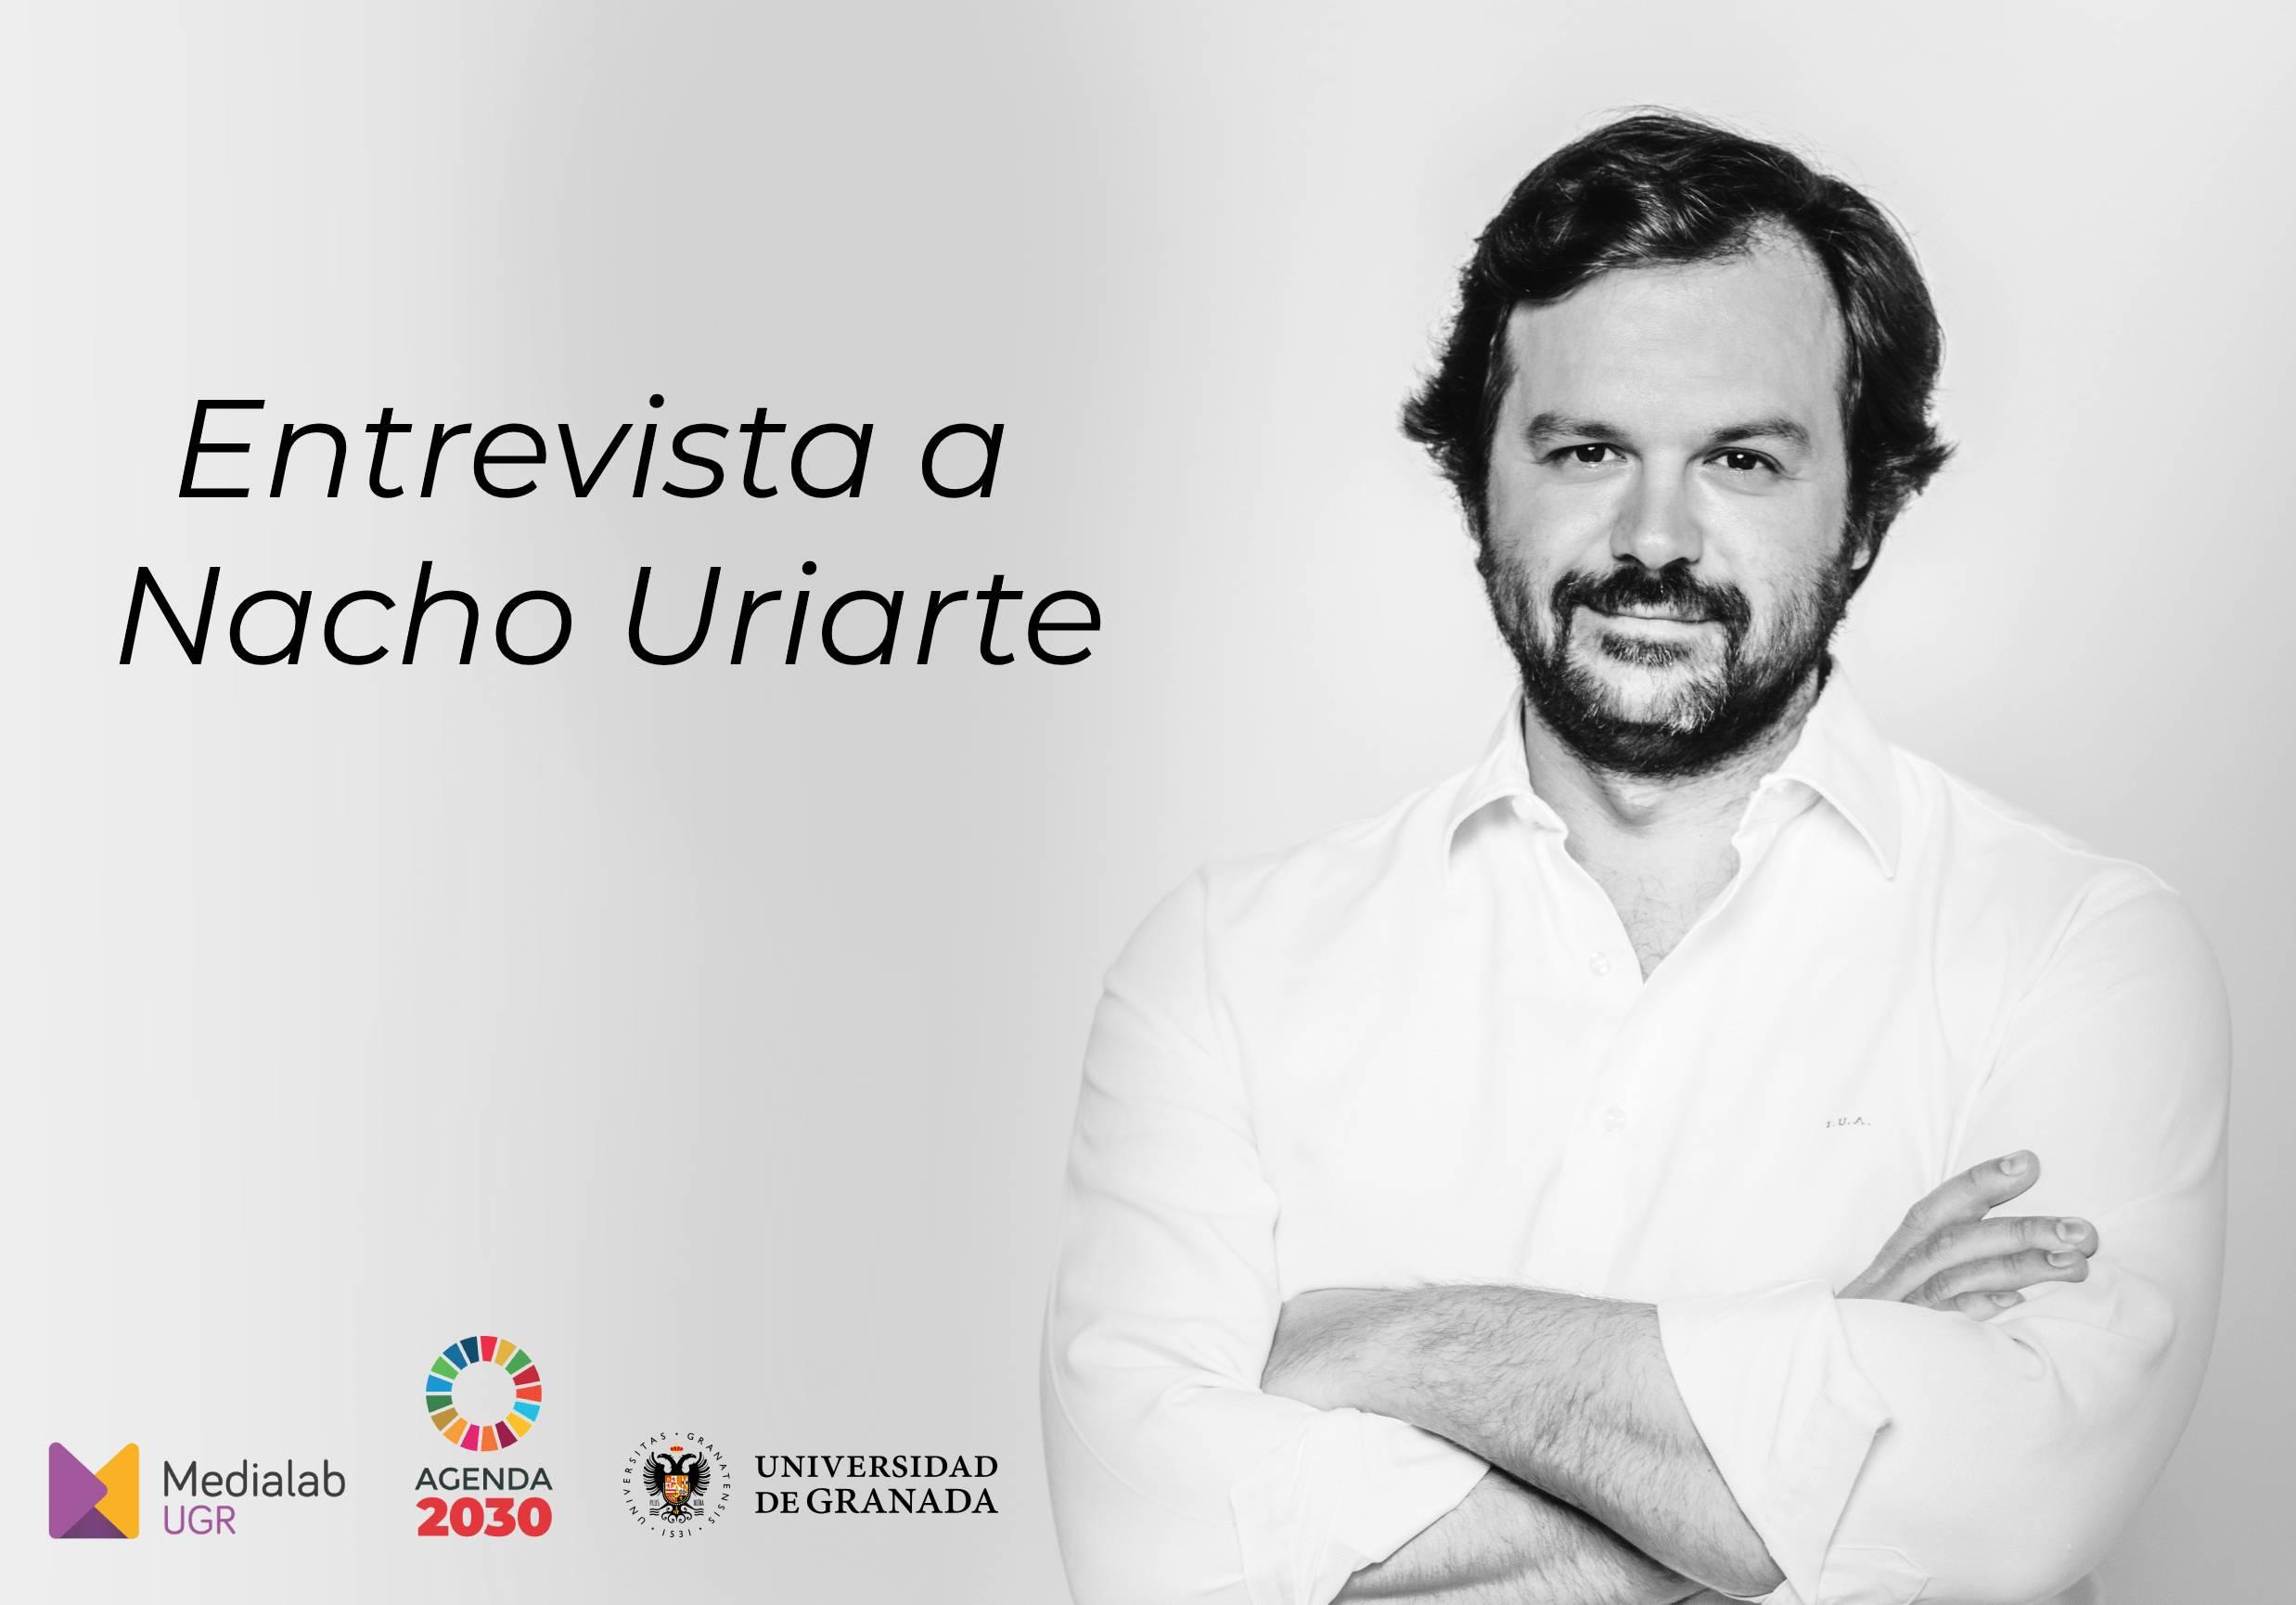 Entrevista Nacho Uriarte